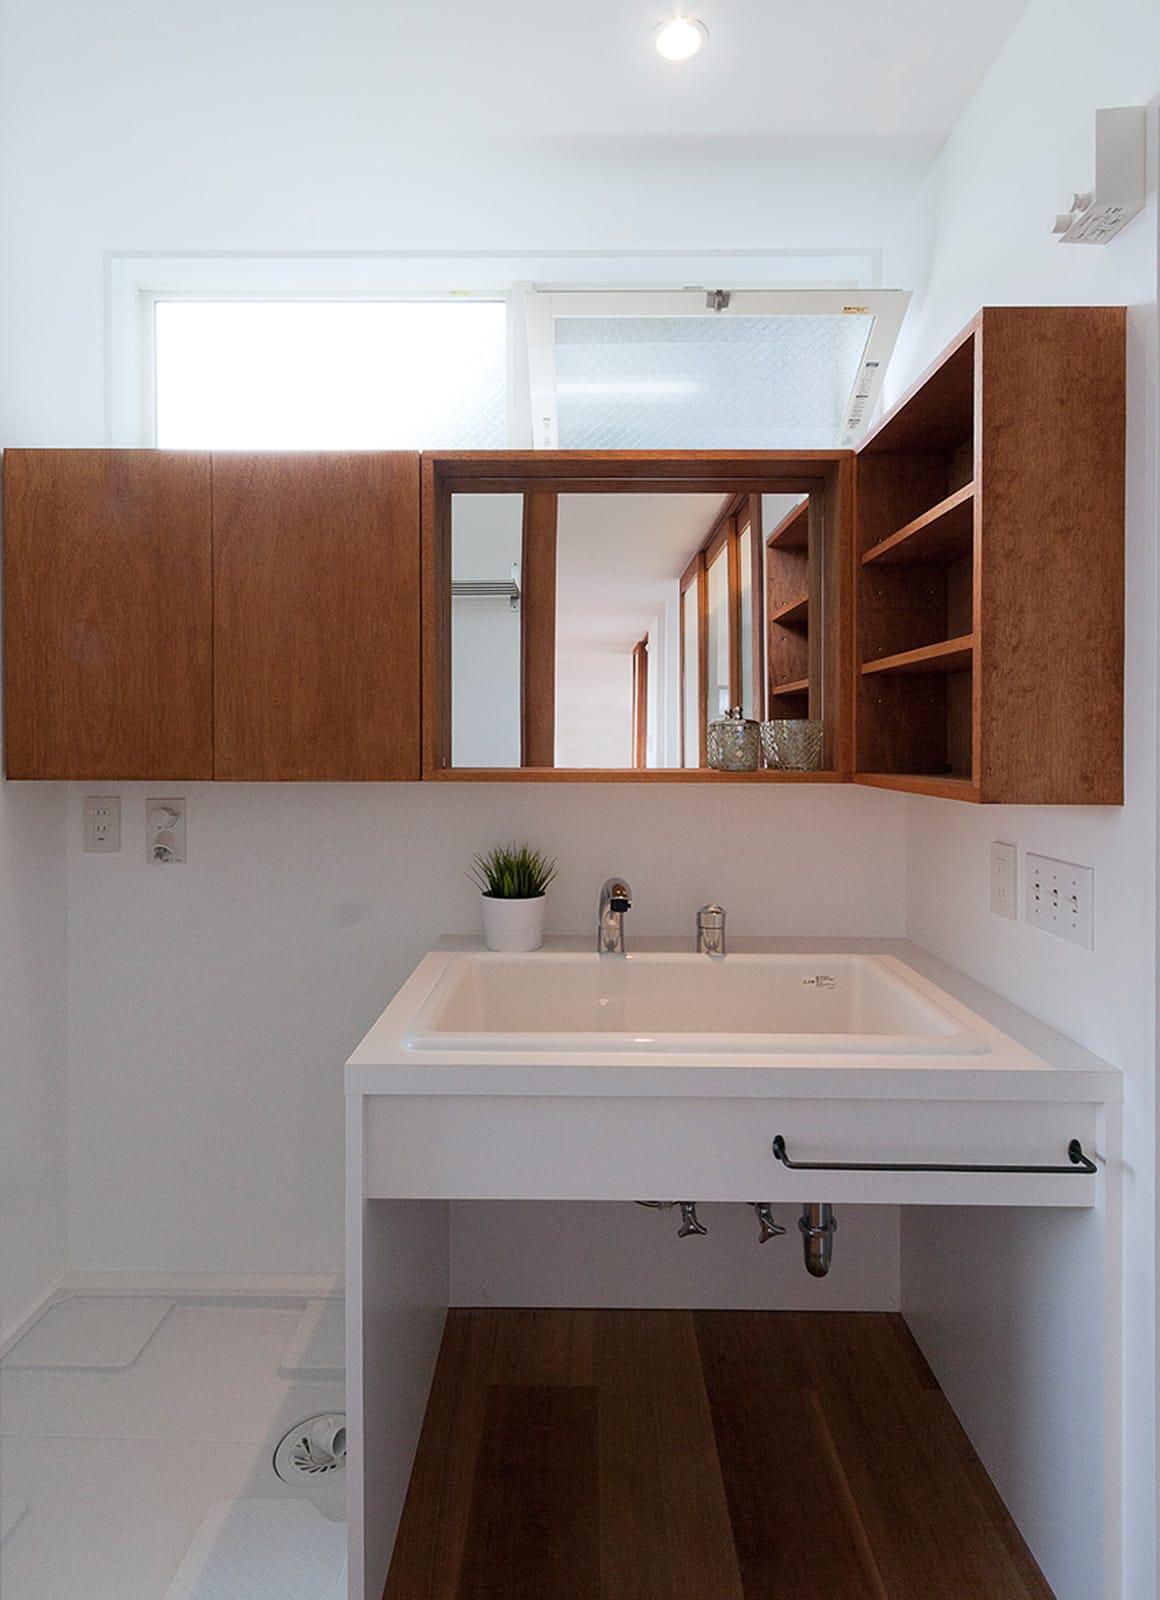 絶景!海を望む白い家の浴室・洗面室1